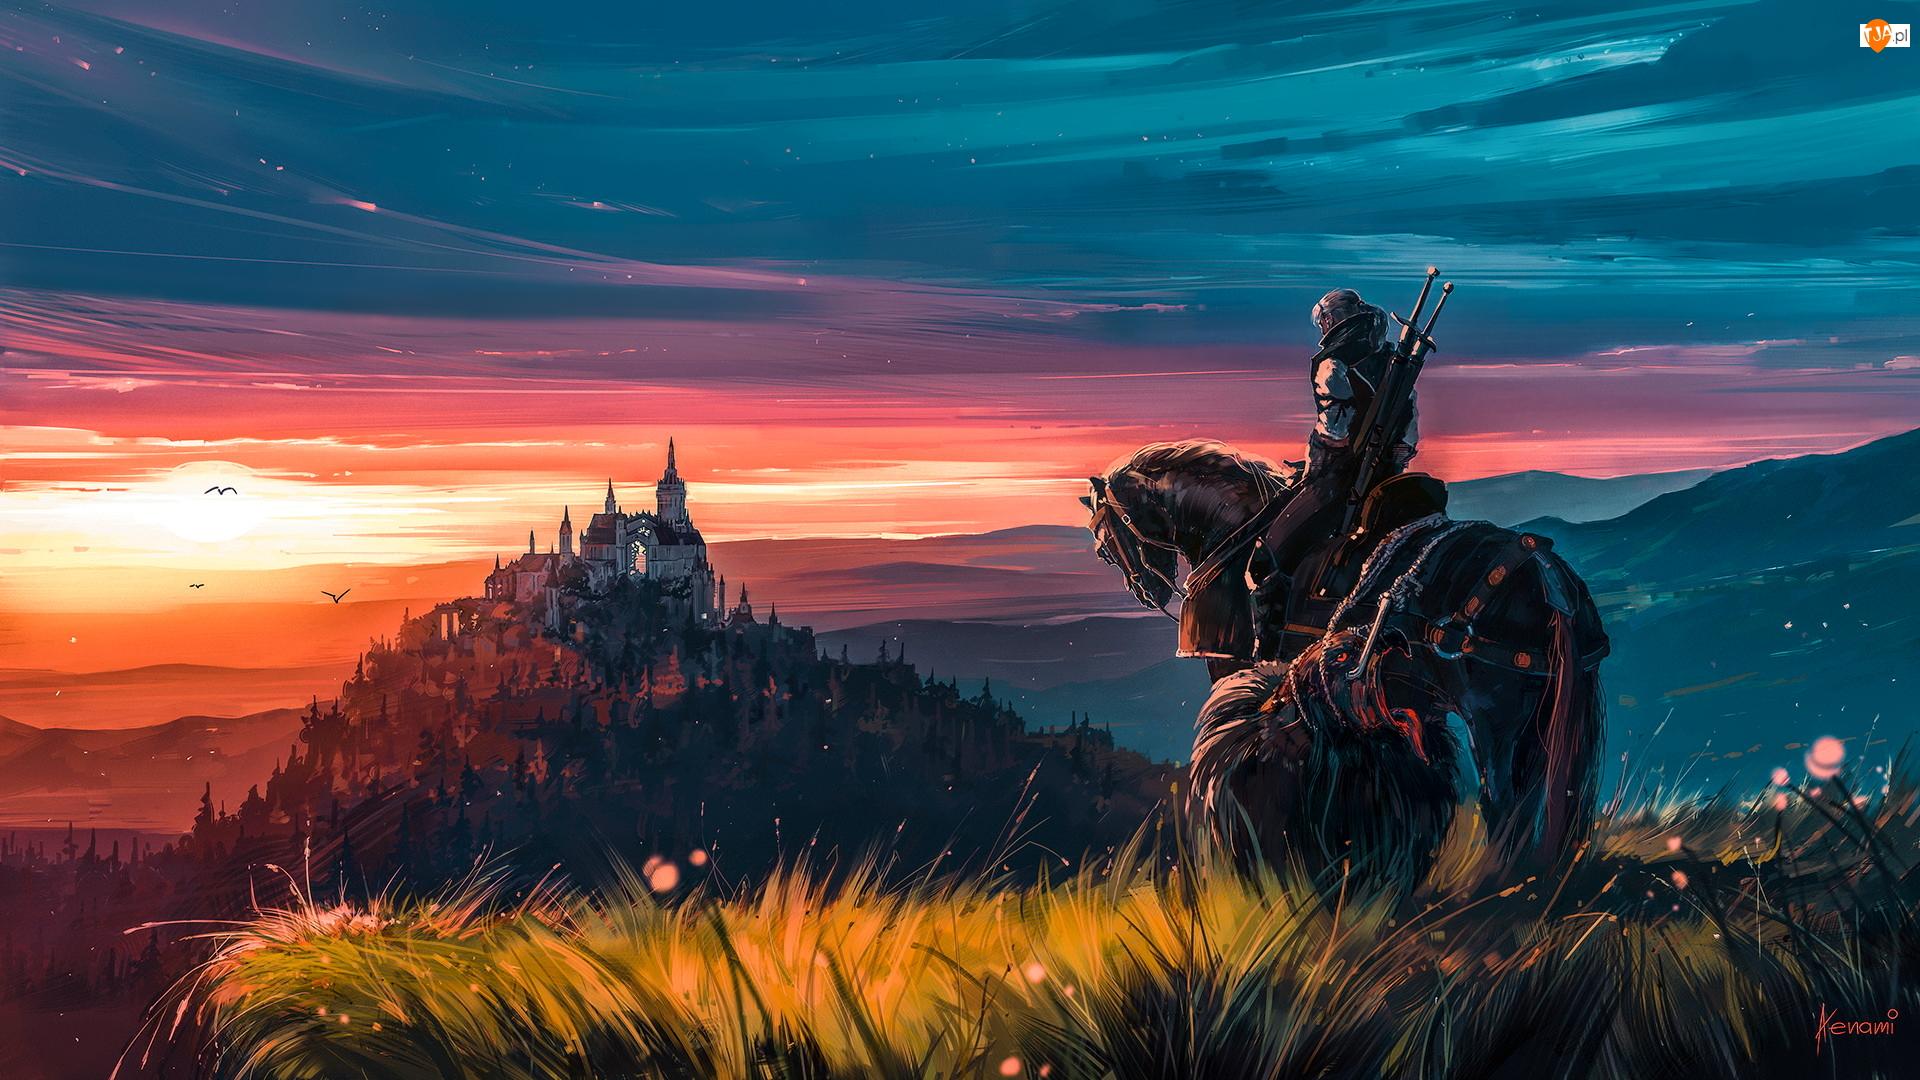 Jeździec, Wiedźmin, Koń, Grafika, Zamek